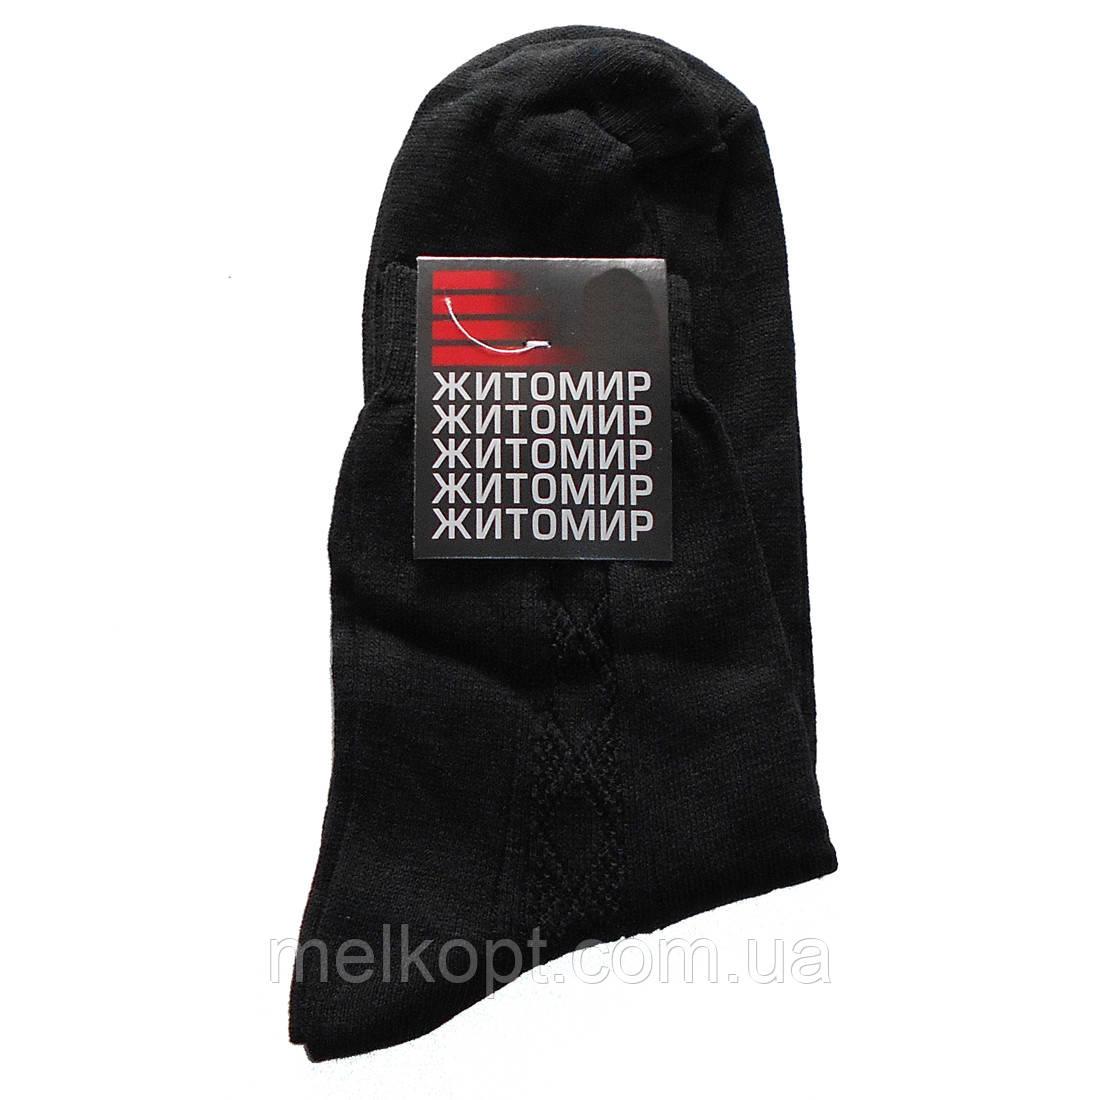 Мужские носки Житомир - 6,80 грн./пара (с боковым рисунком, черные)